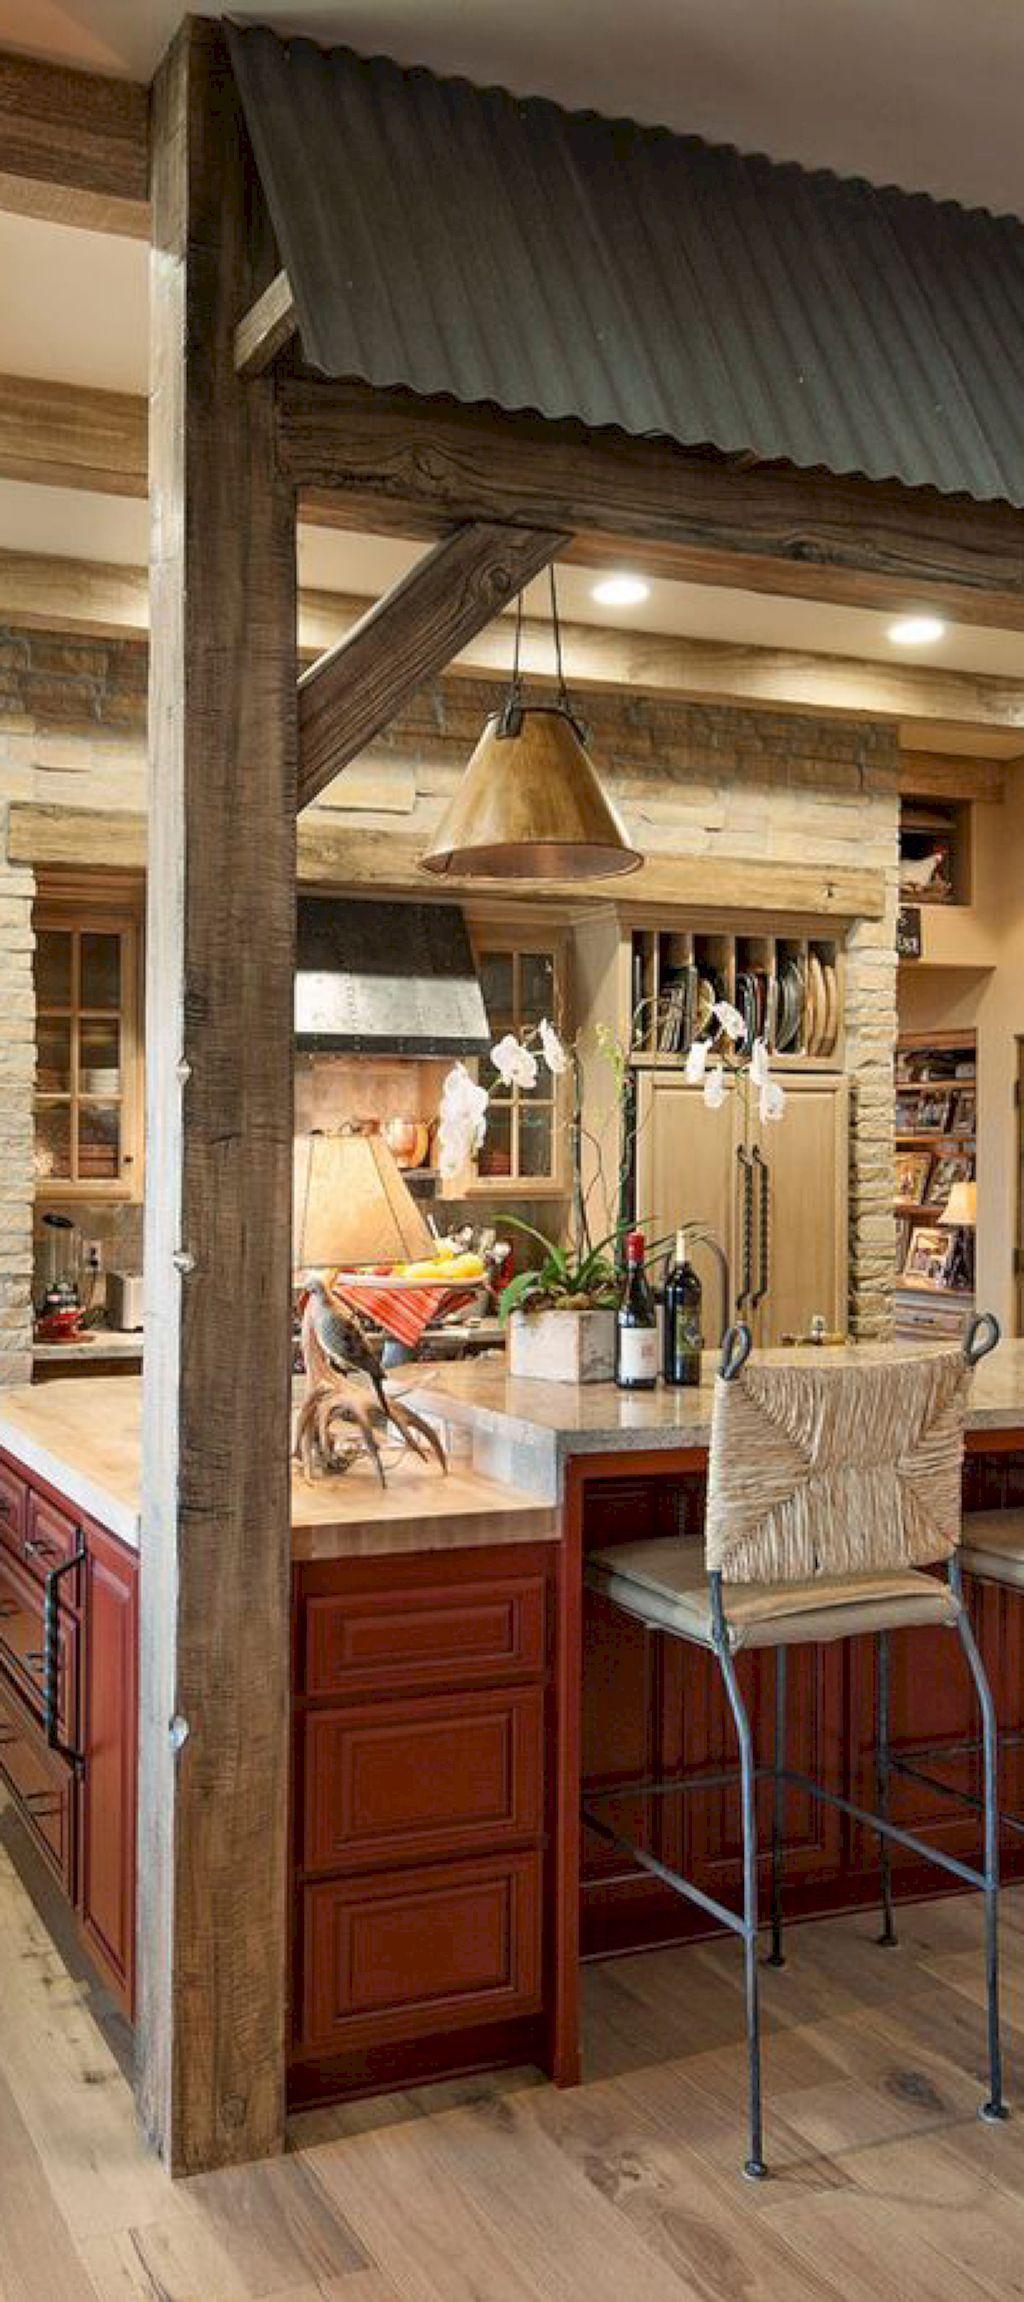 14 Gorgeous Rustic Farmhouse Kitchen Ideas